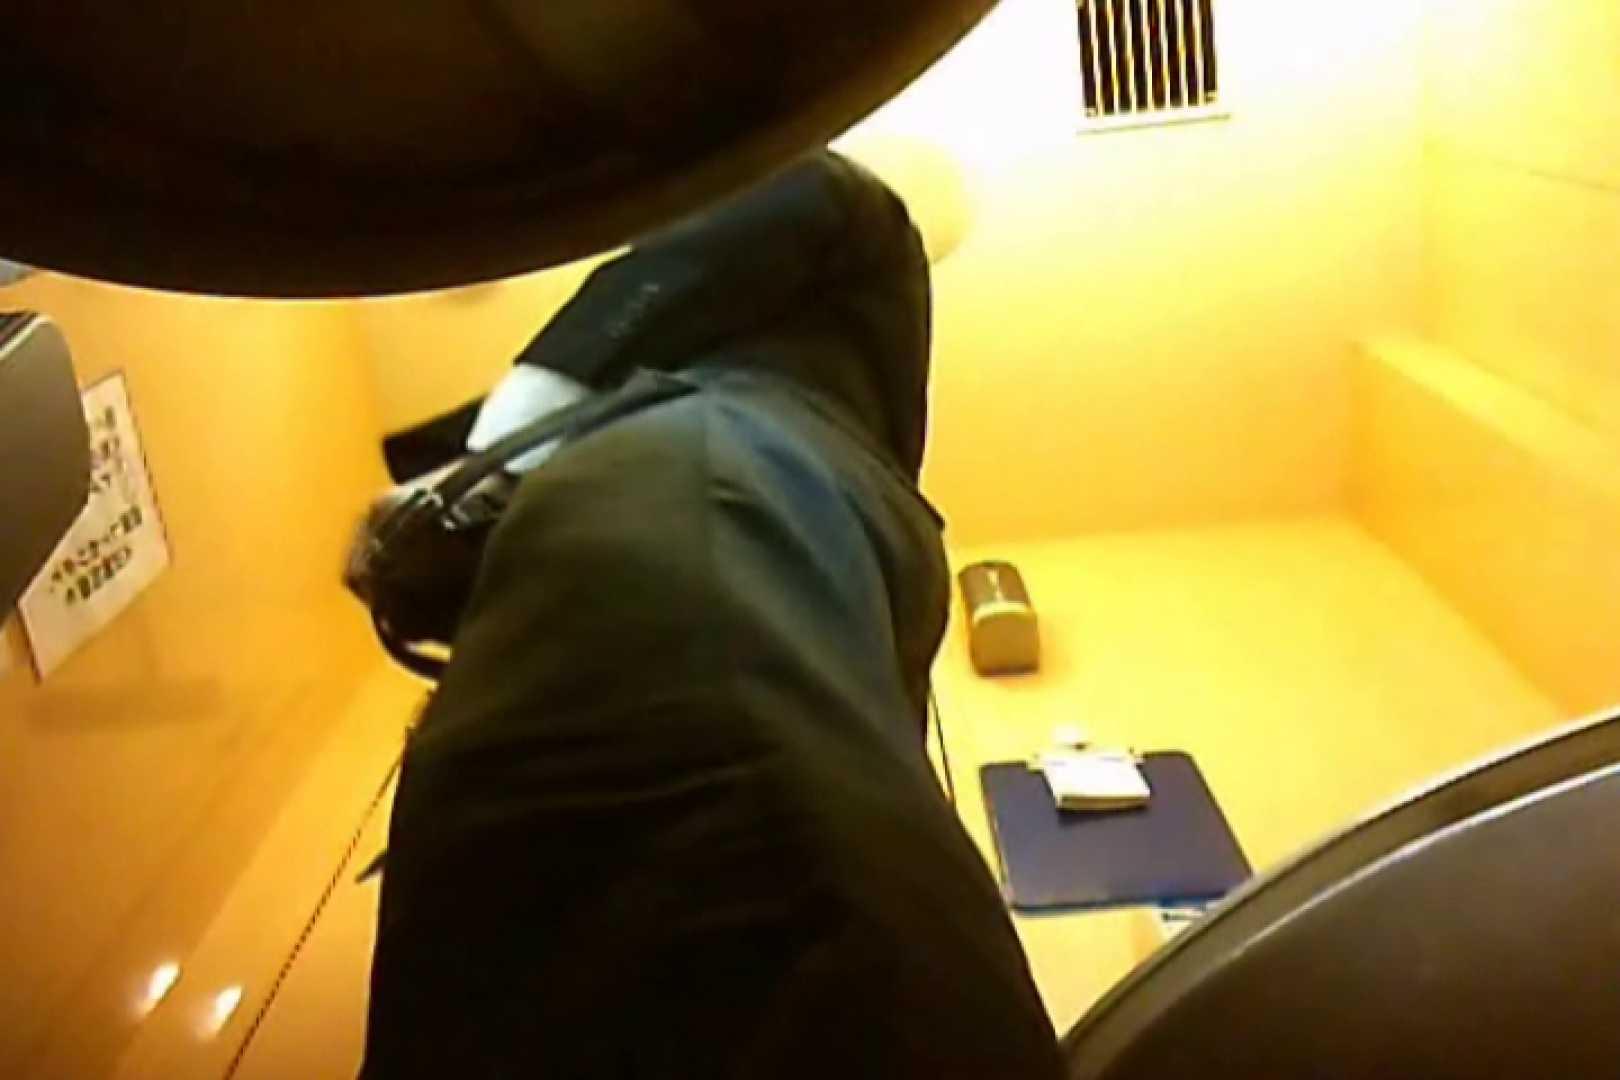 SEASON 3rd!掴み取りさんの洗面所覗き!in新幹線!VOL.04 完全無修正でお届け | スーツボーイズ  95pic 60